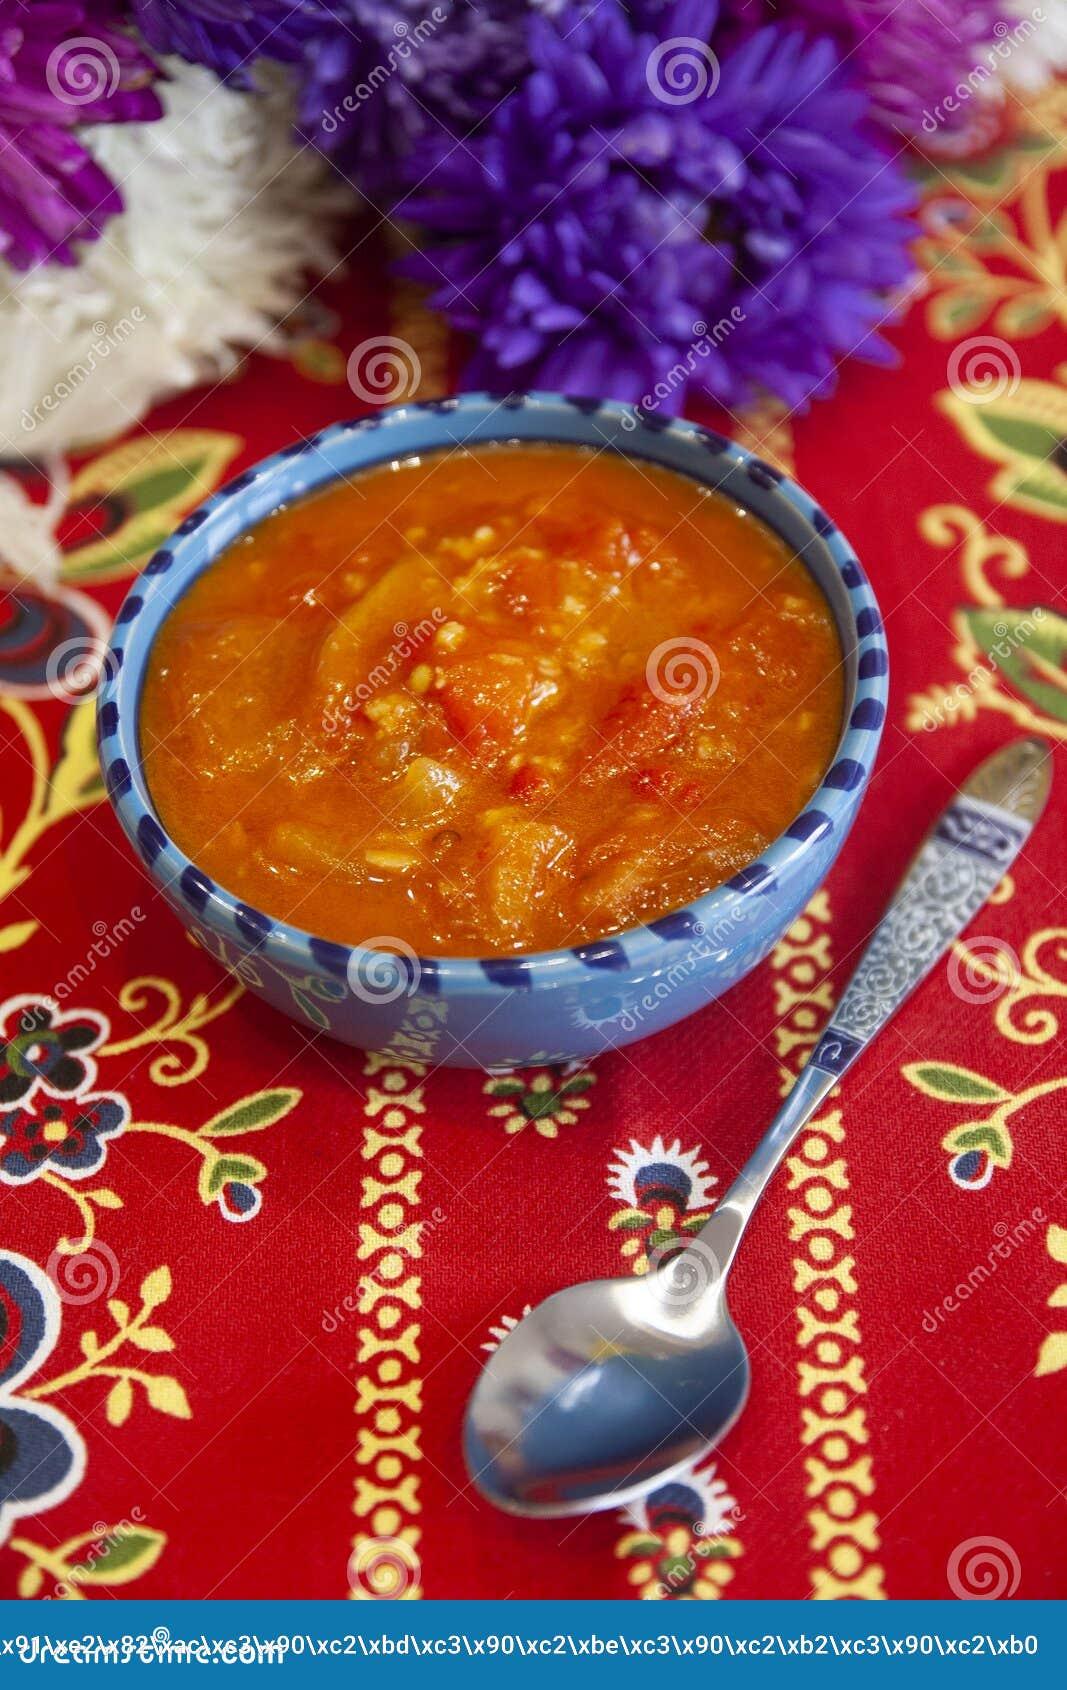 Pimienta búlgara en la salsa de tomate - salsa de la paprika, de las pimientas del chile picante y de los tomates